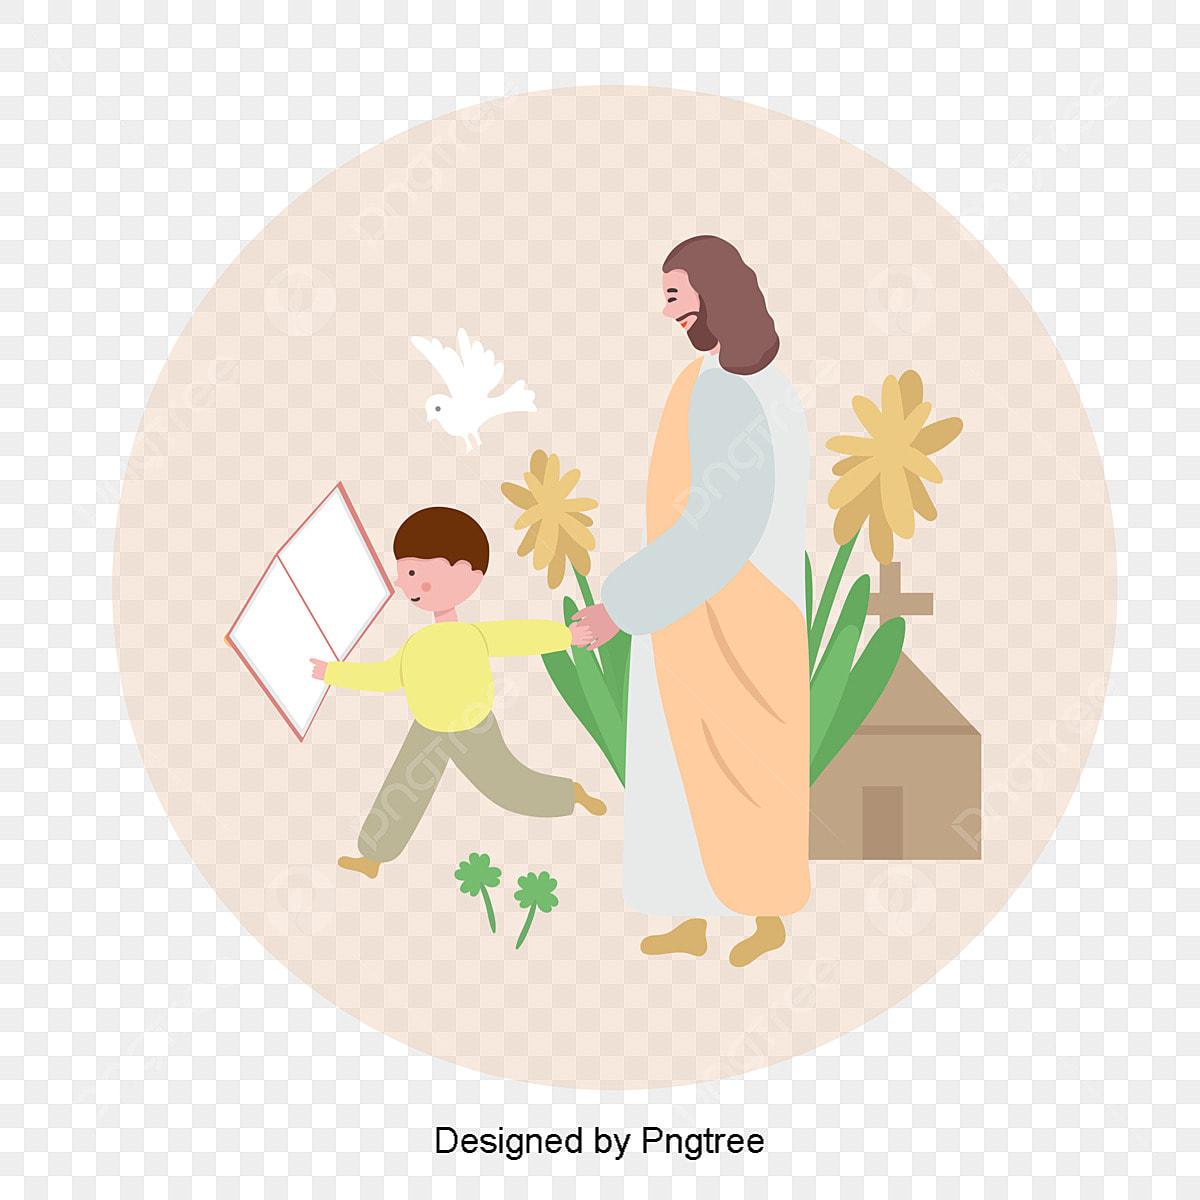 vektor kebangkitan yesus dengan anak anak makanan kebangkitan makanan vektor yesus png dan vektor untuk muat turun percuma kebangkitan makanan vektor yesus png